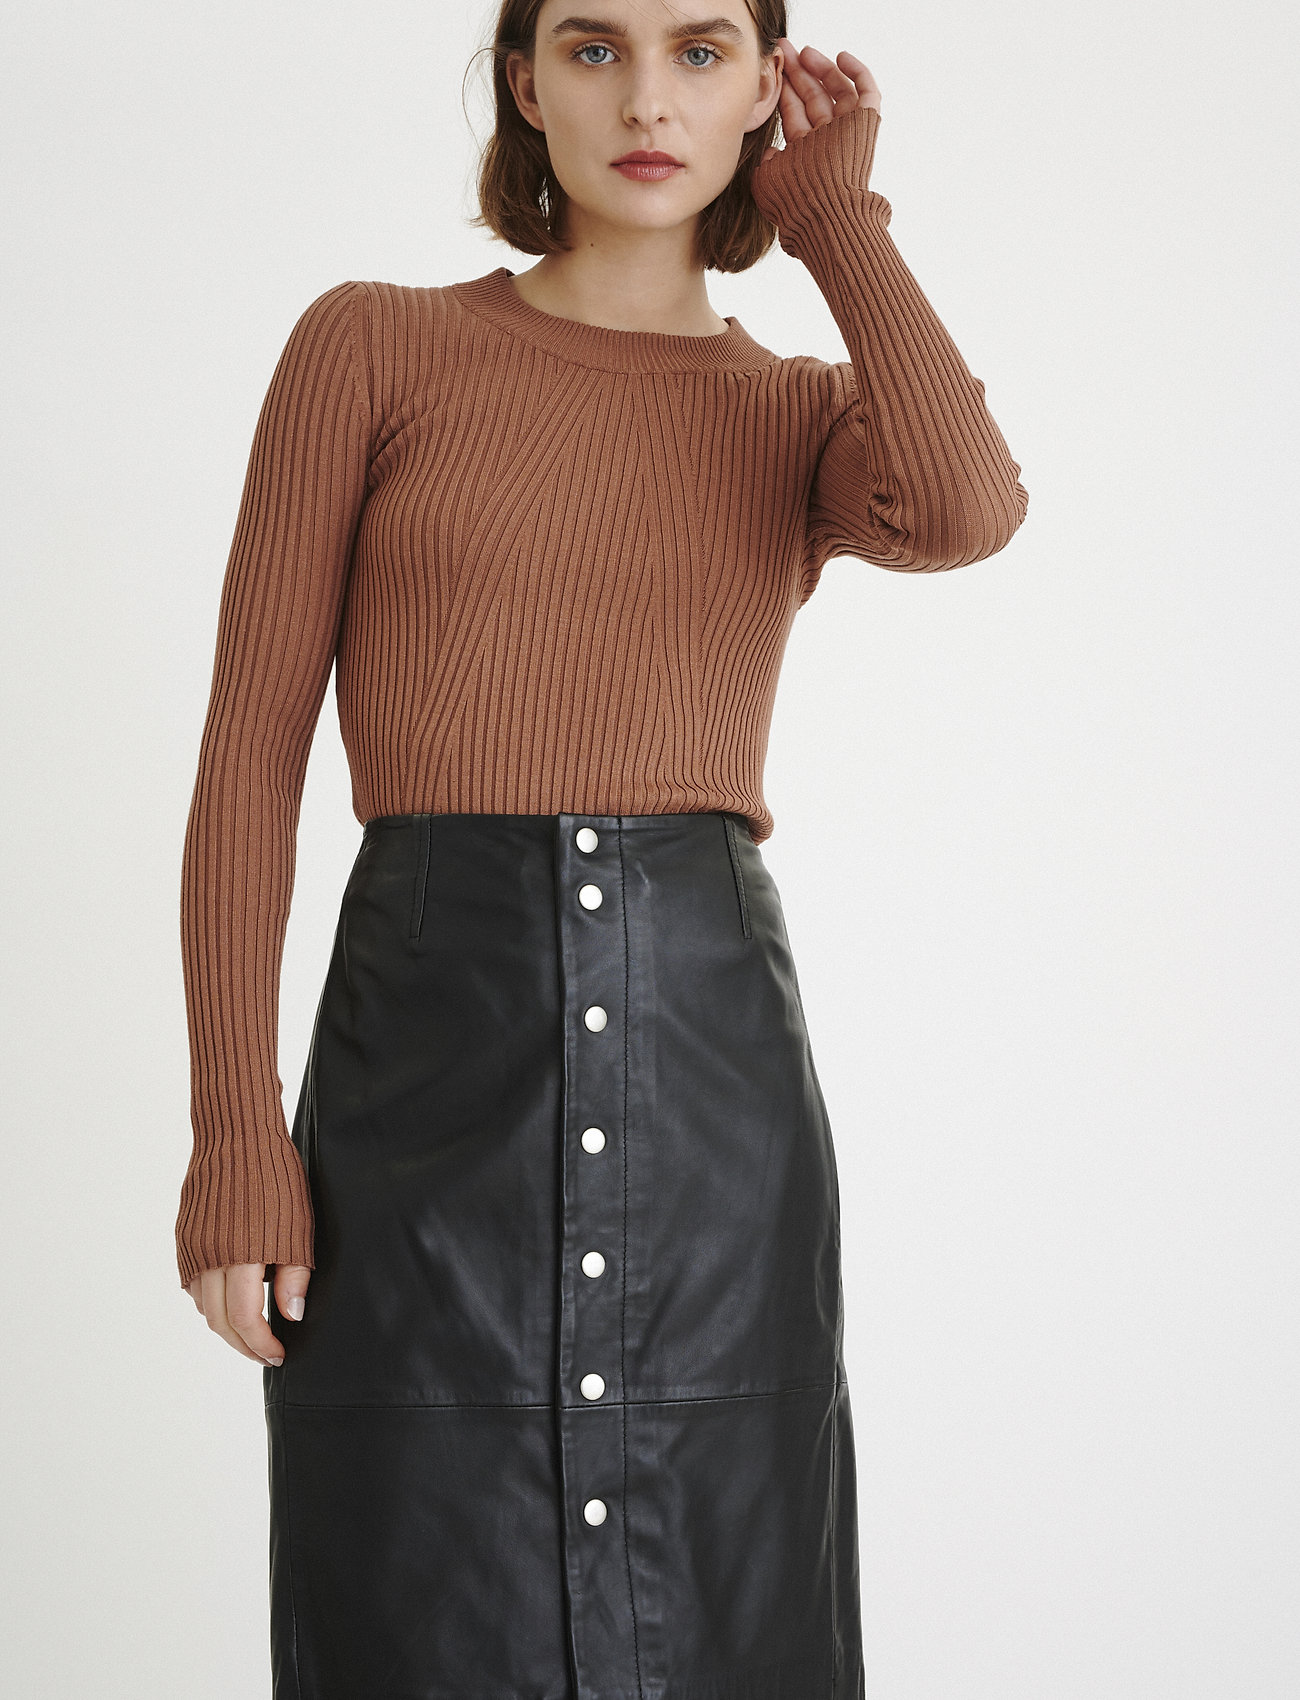 InWear KathiIW Skirt - Skjørt BLACK - Dameklær Spesialtilbud